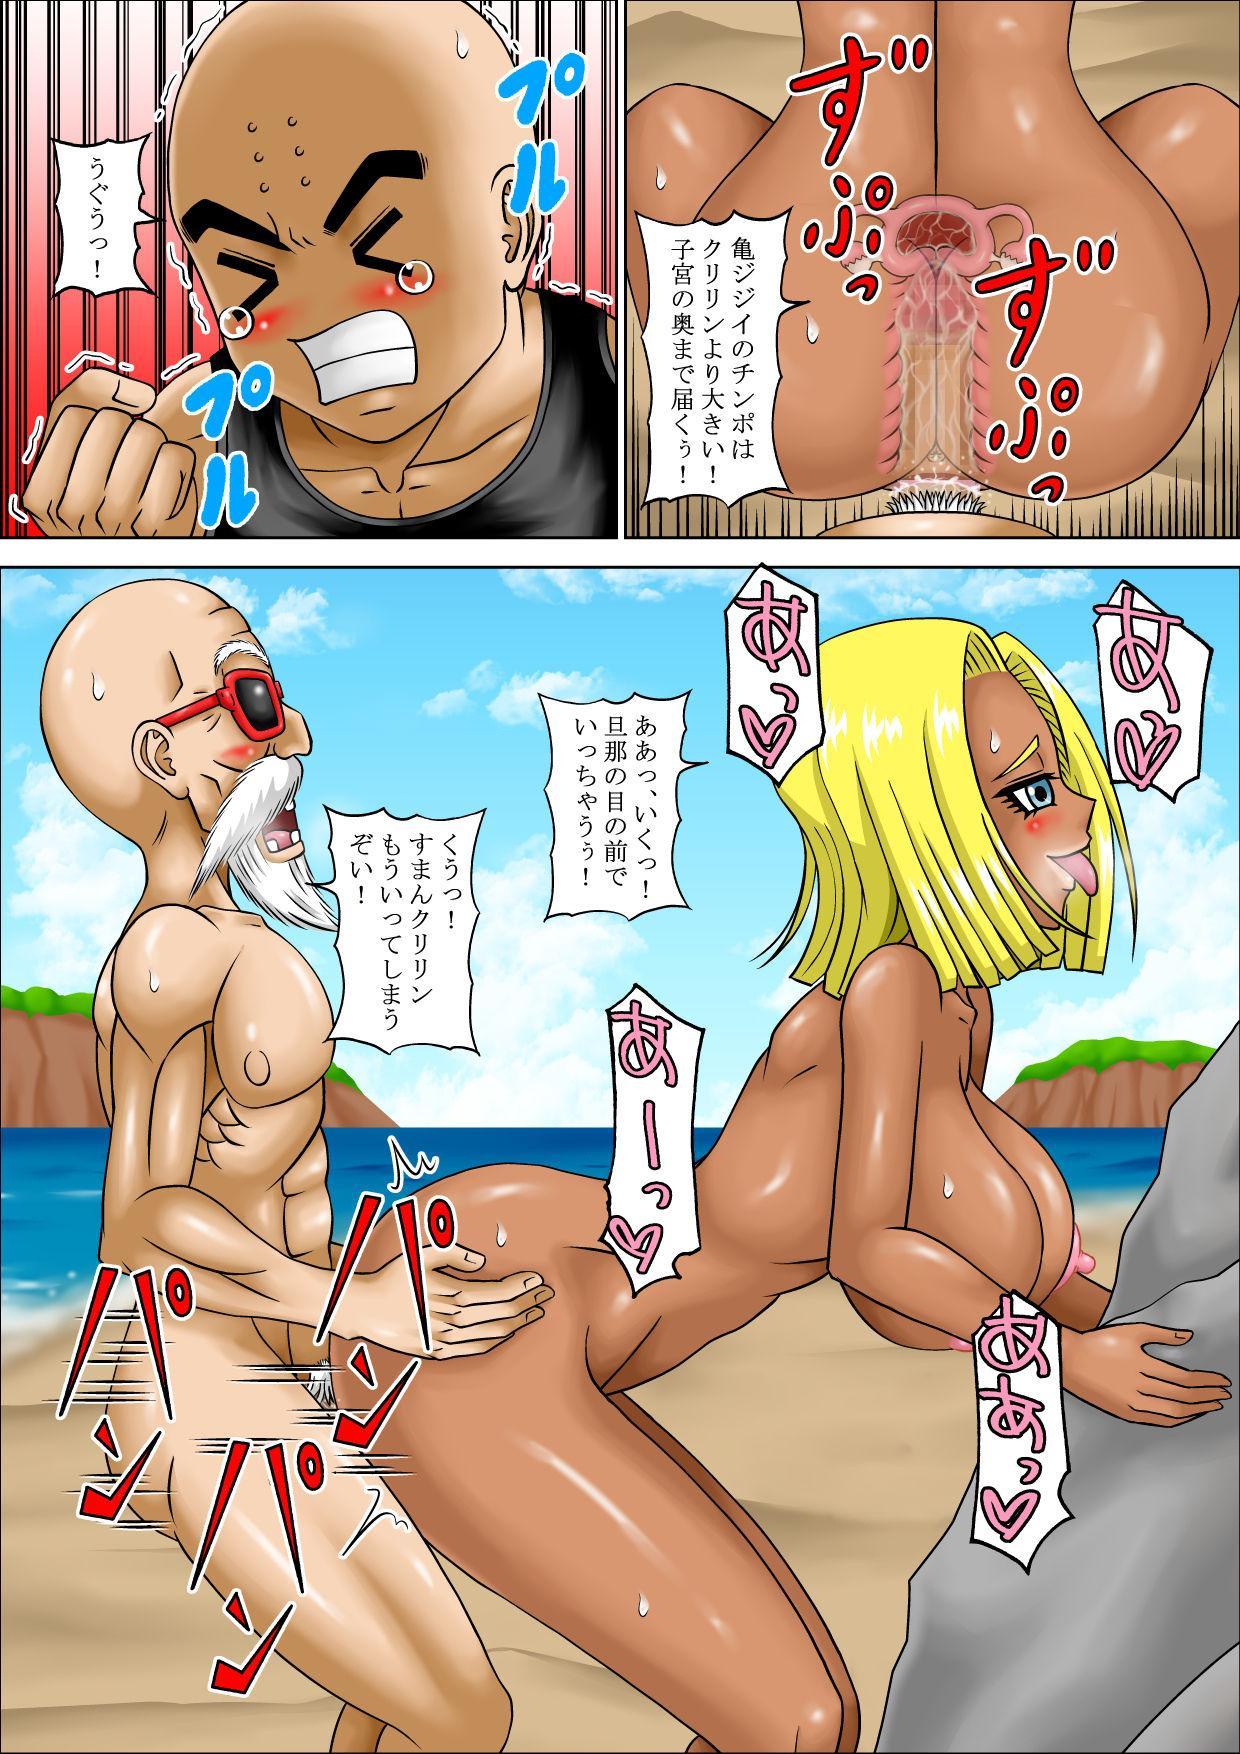 Kame Sennin no Gyaku Rape 25